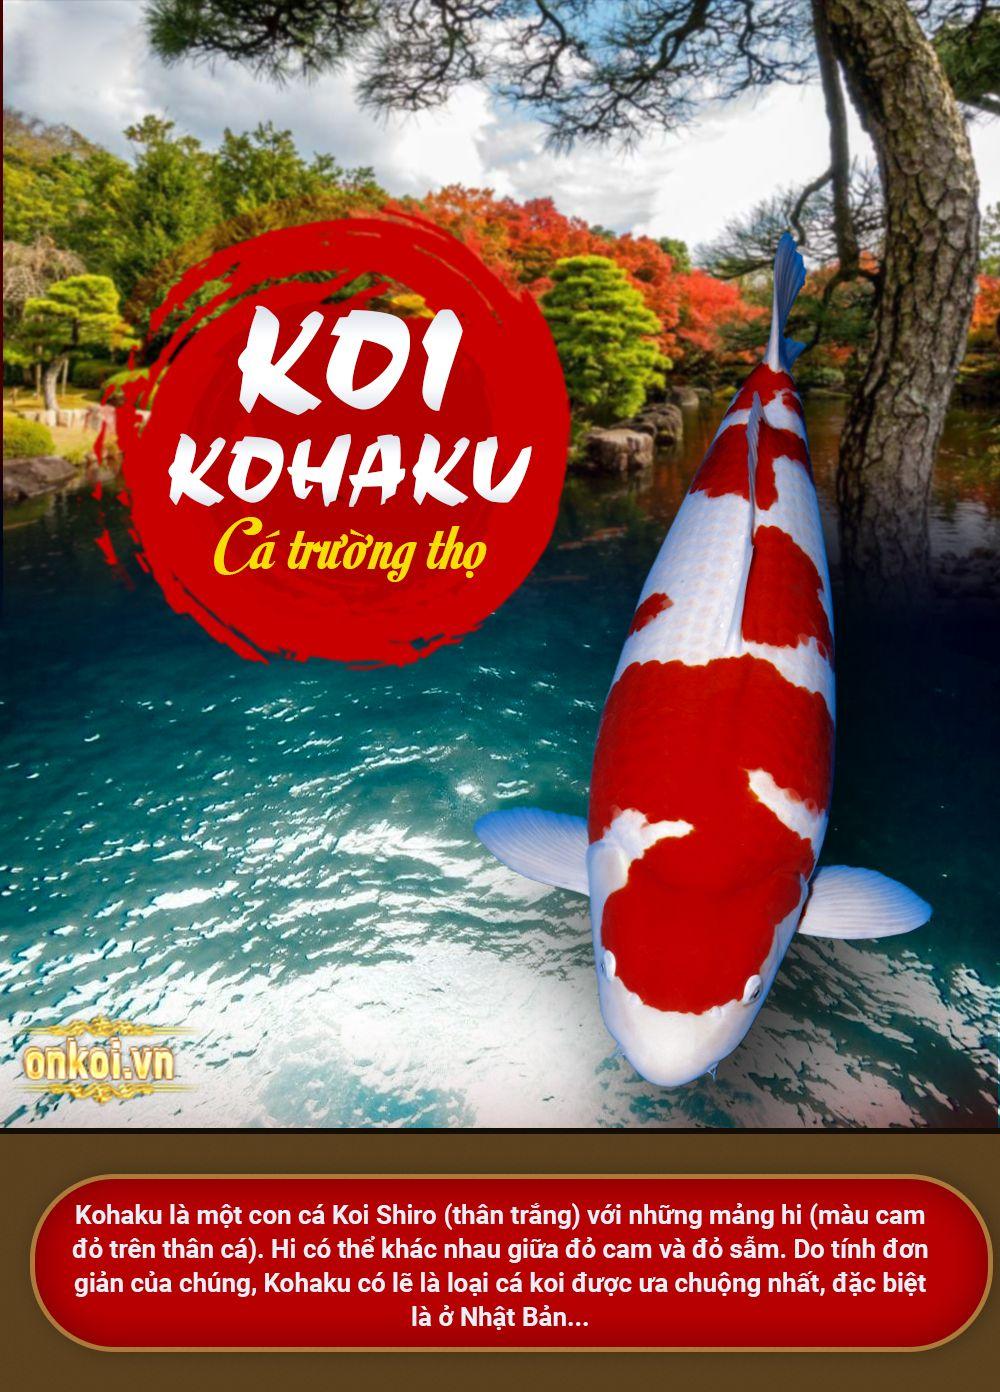 ảnh giới thiệu về kohaku